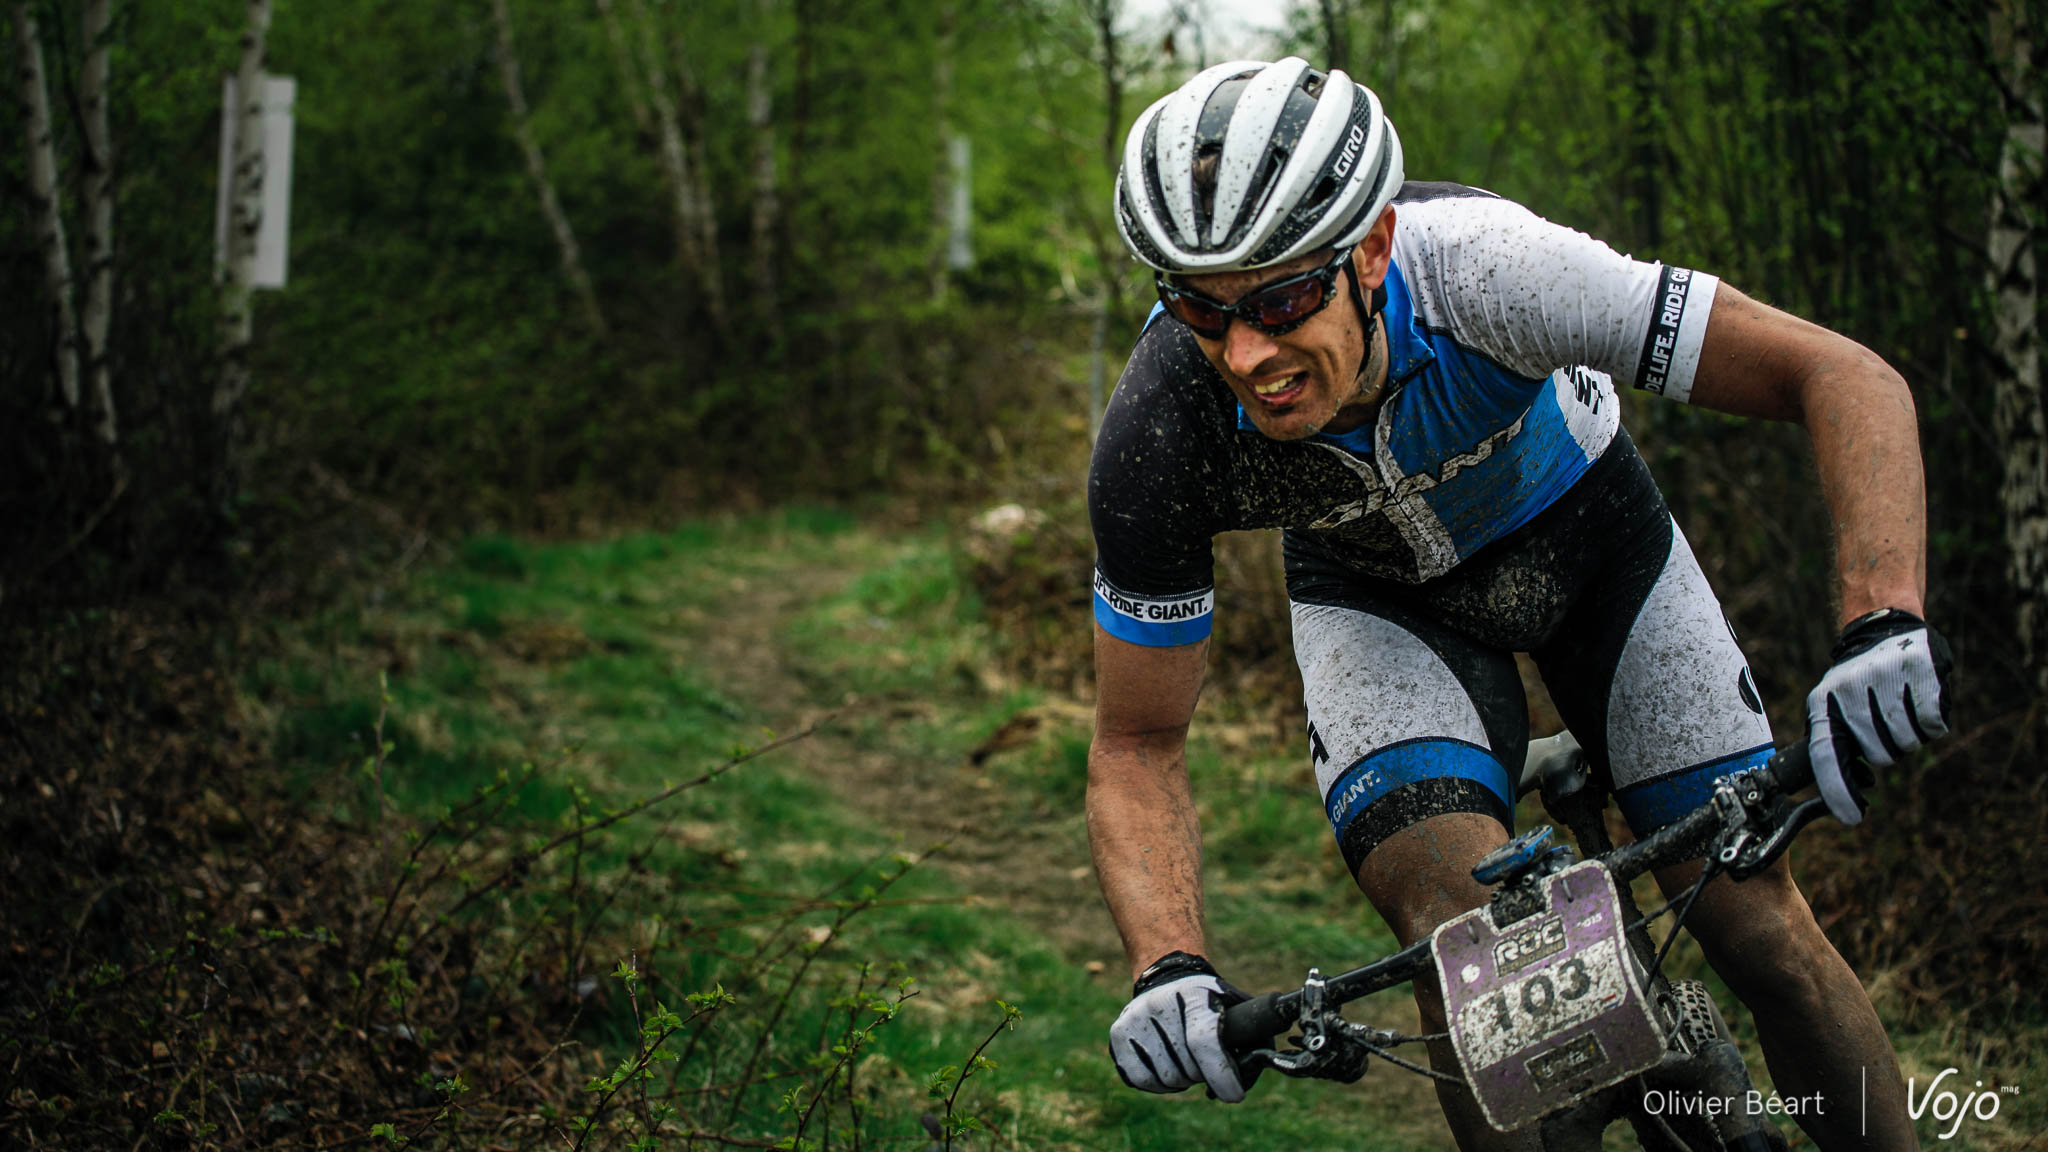 Roc_Ardenne_Marathon_Copyright_OBeart_VojoMag-10